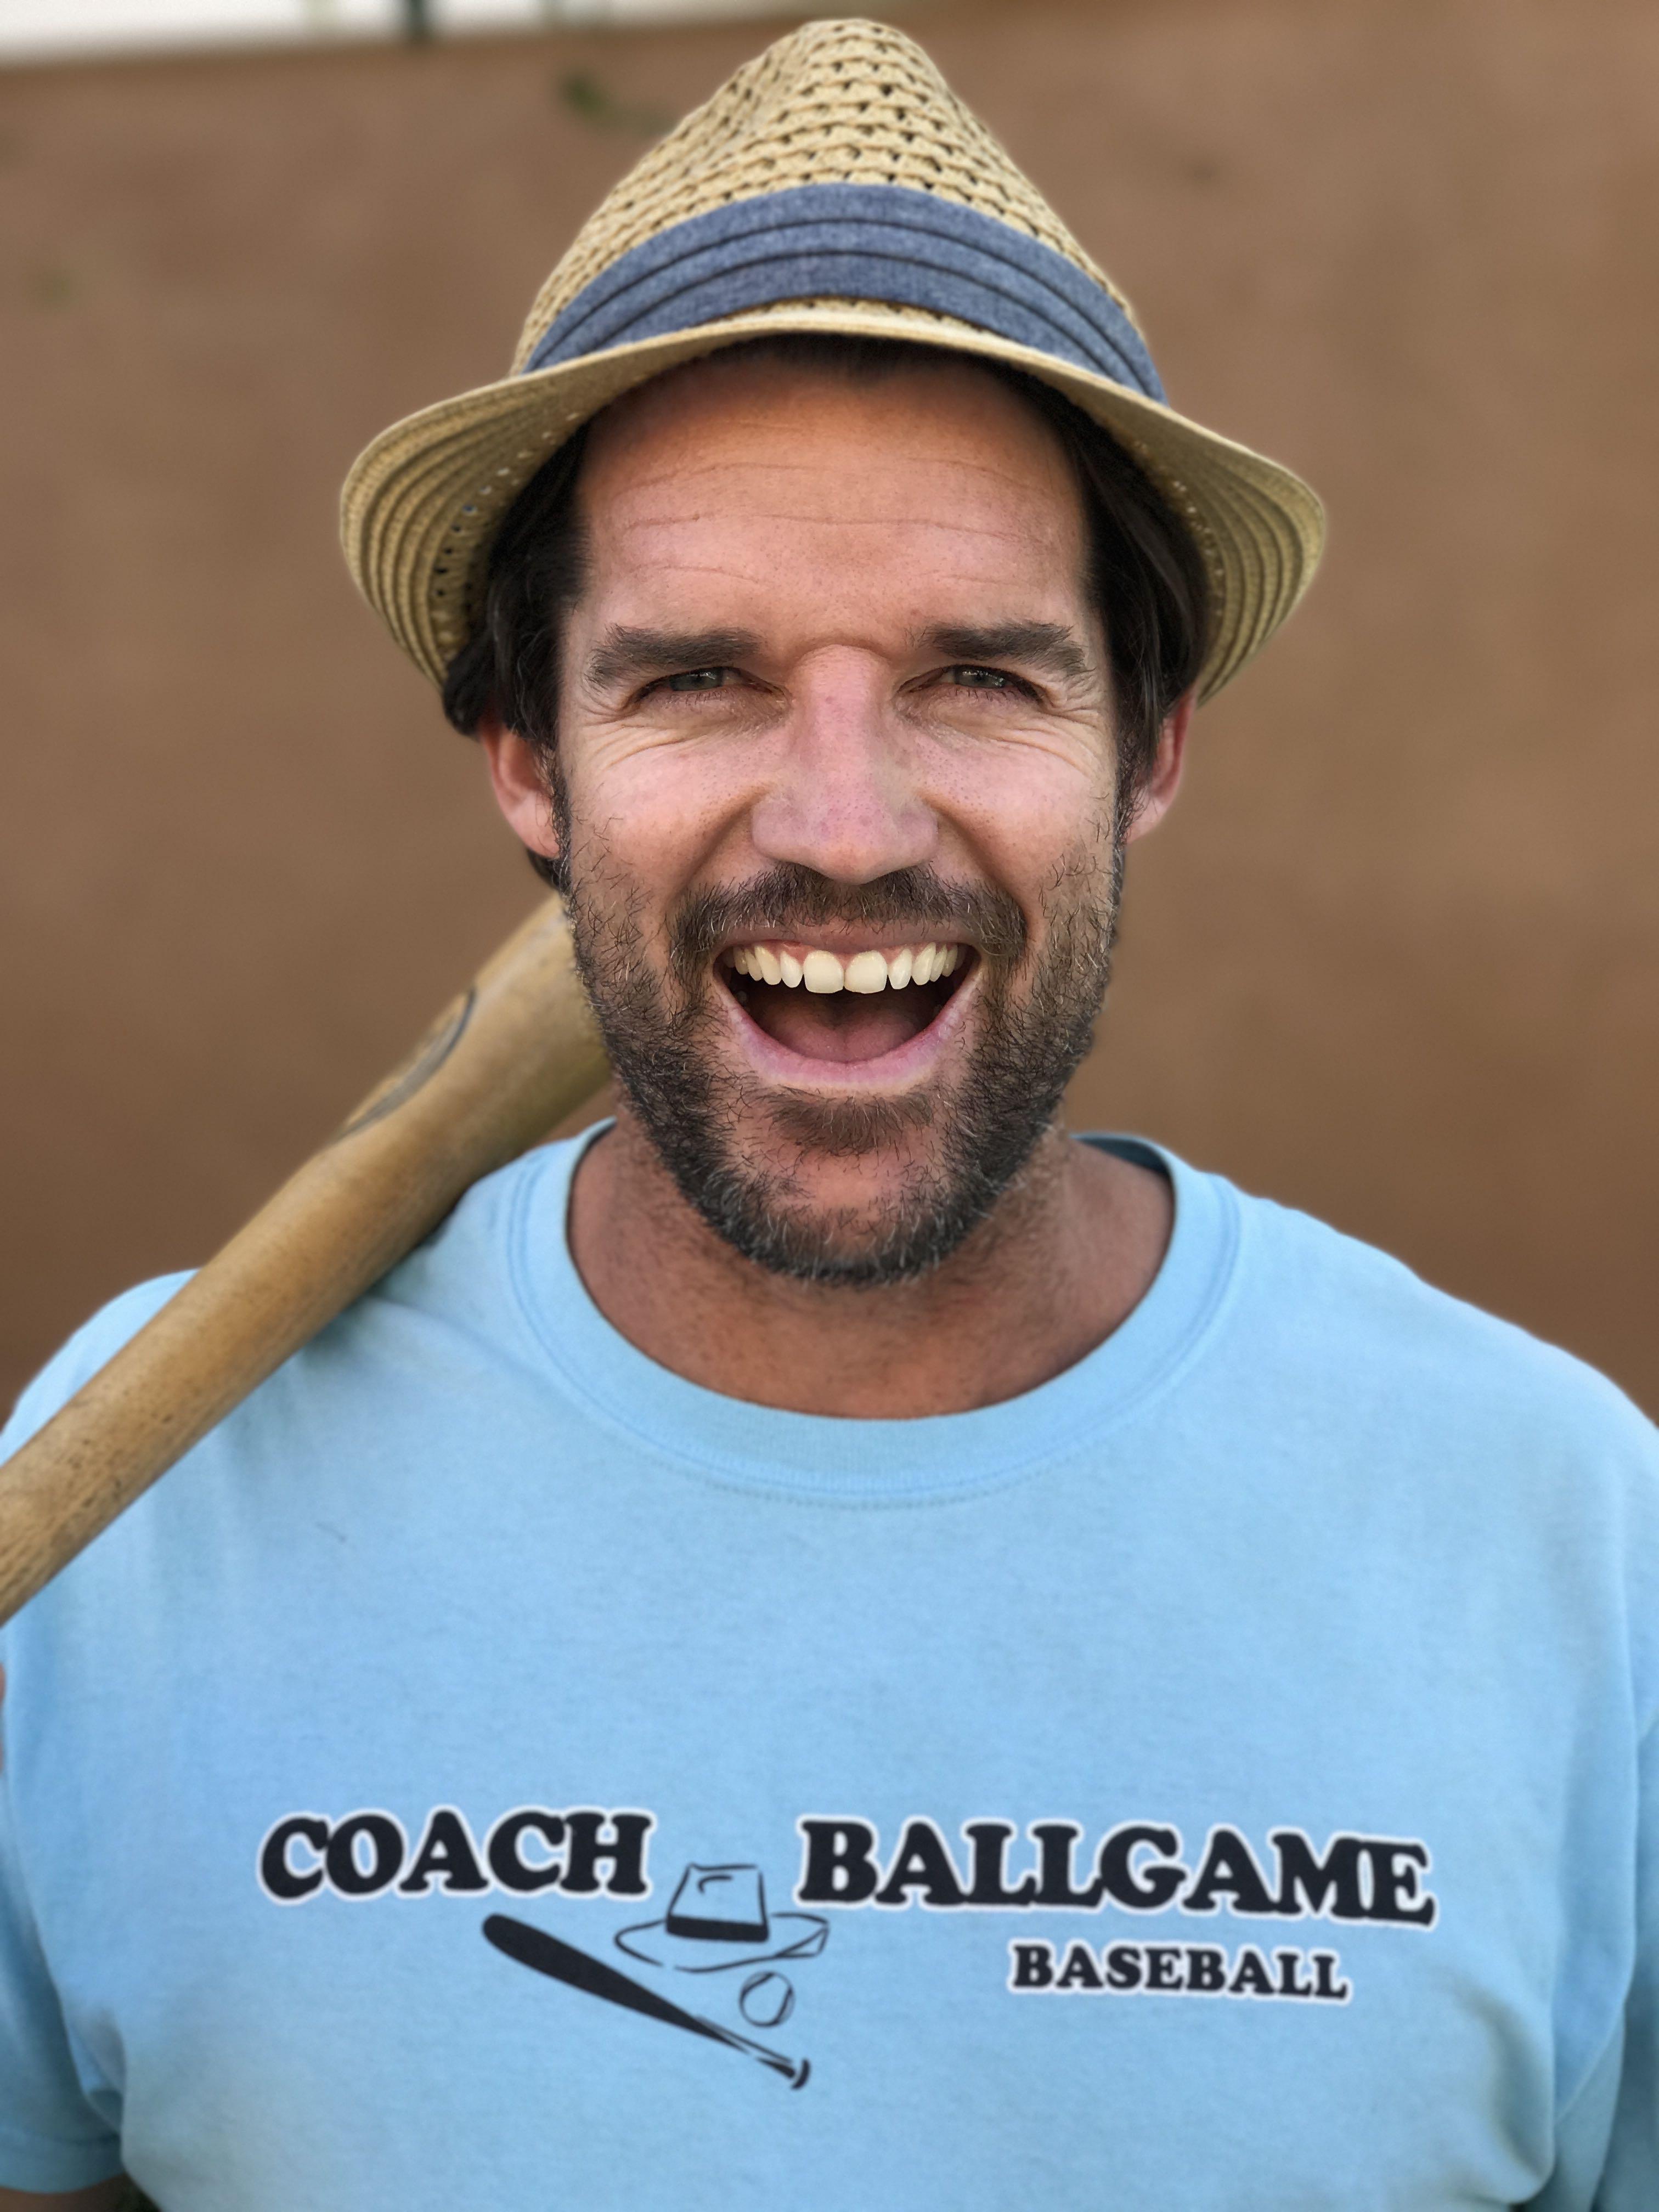 Coach Ballgame